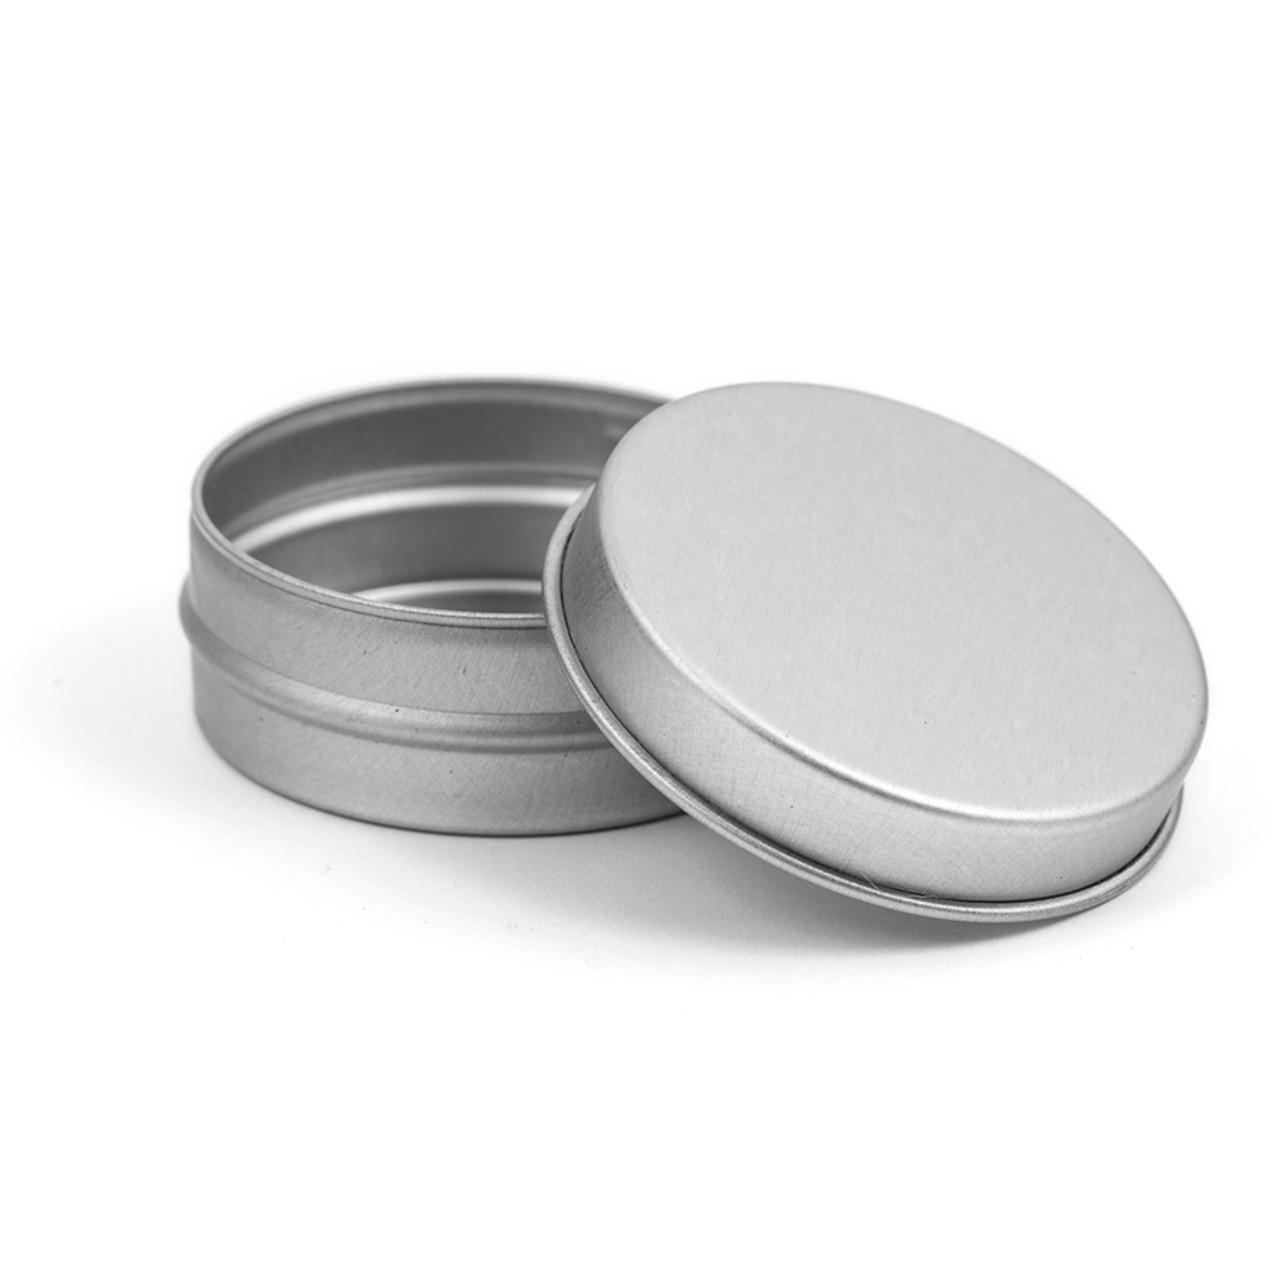 Caviar Tins - Mini